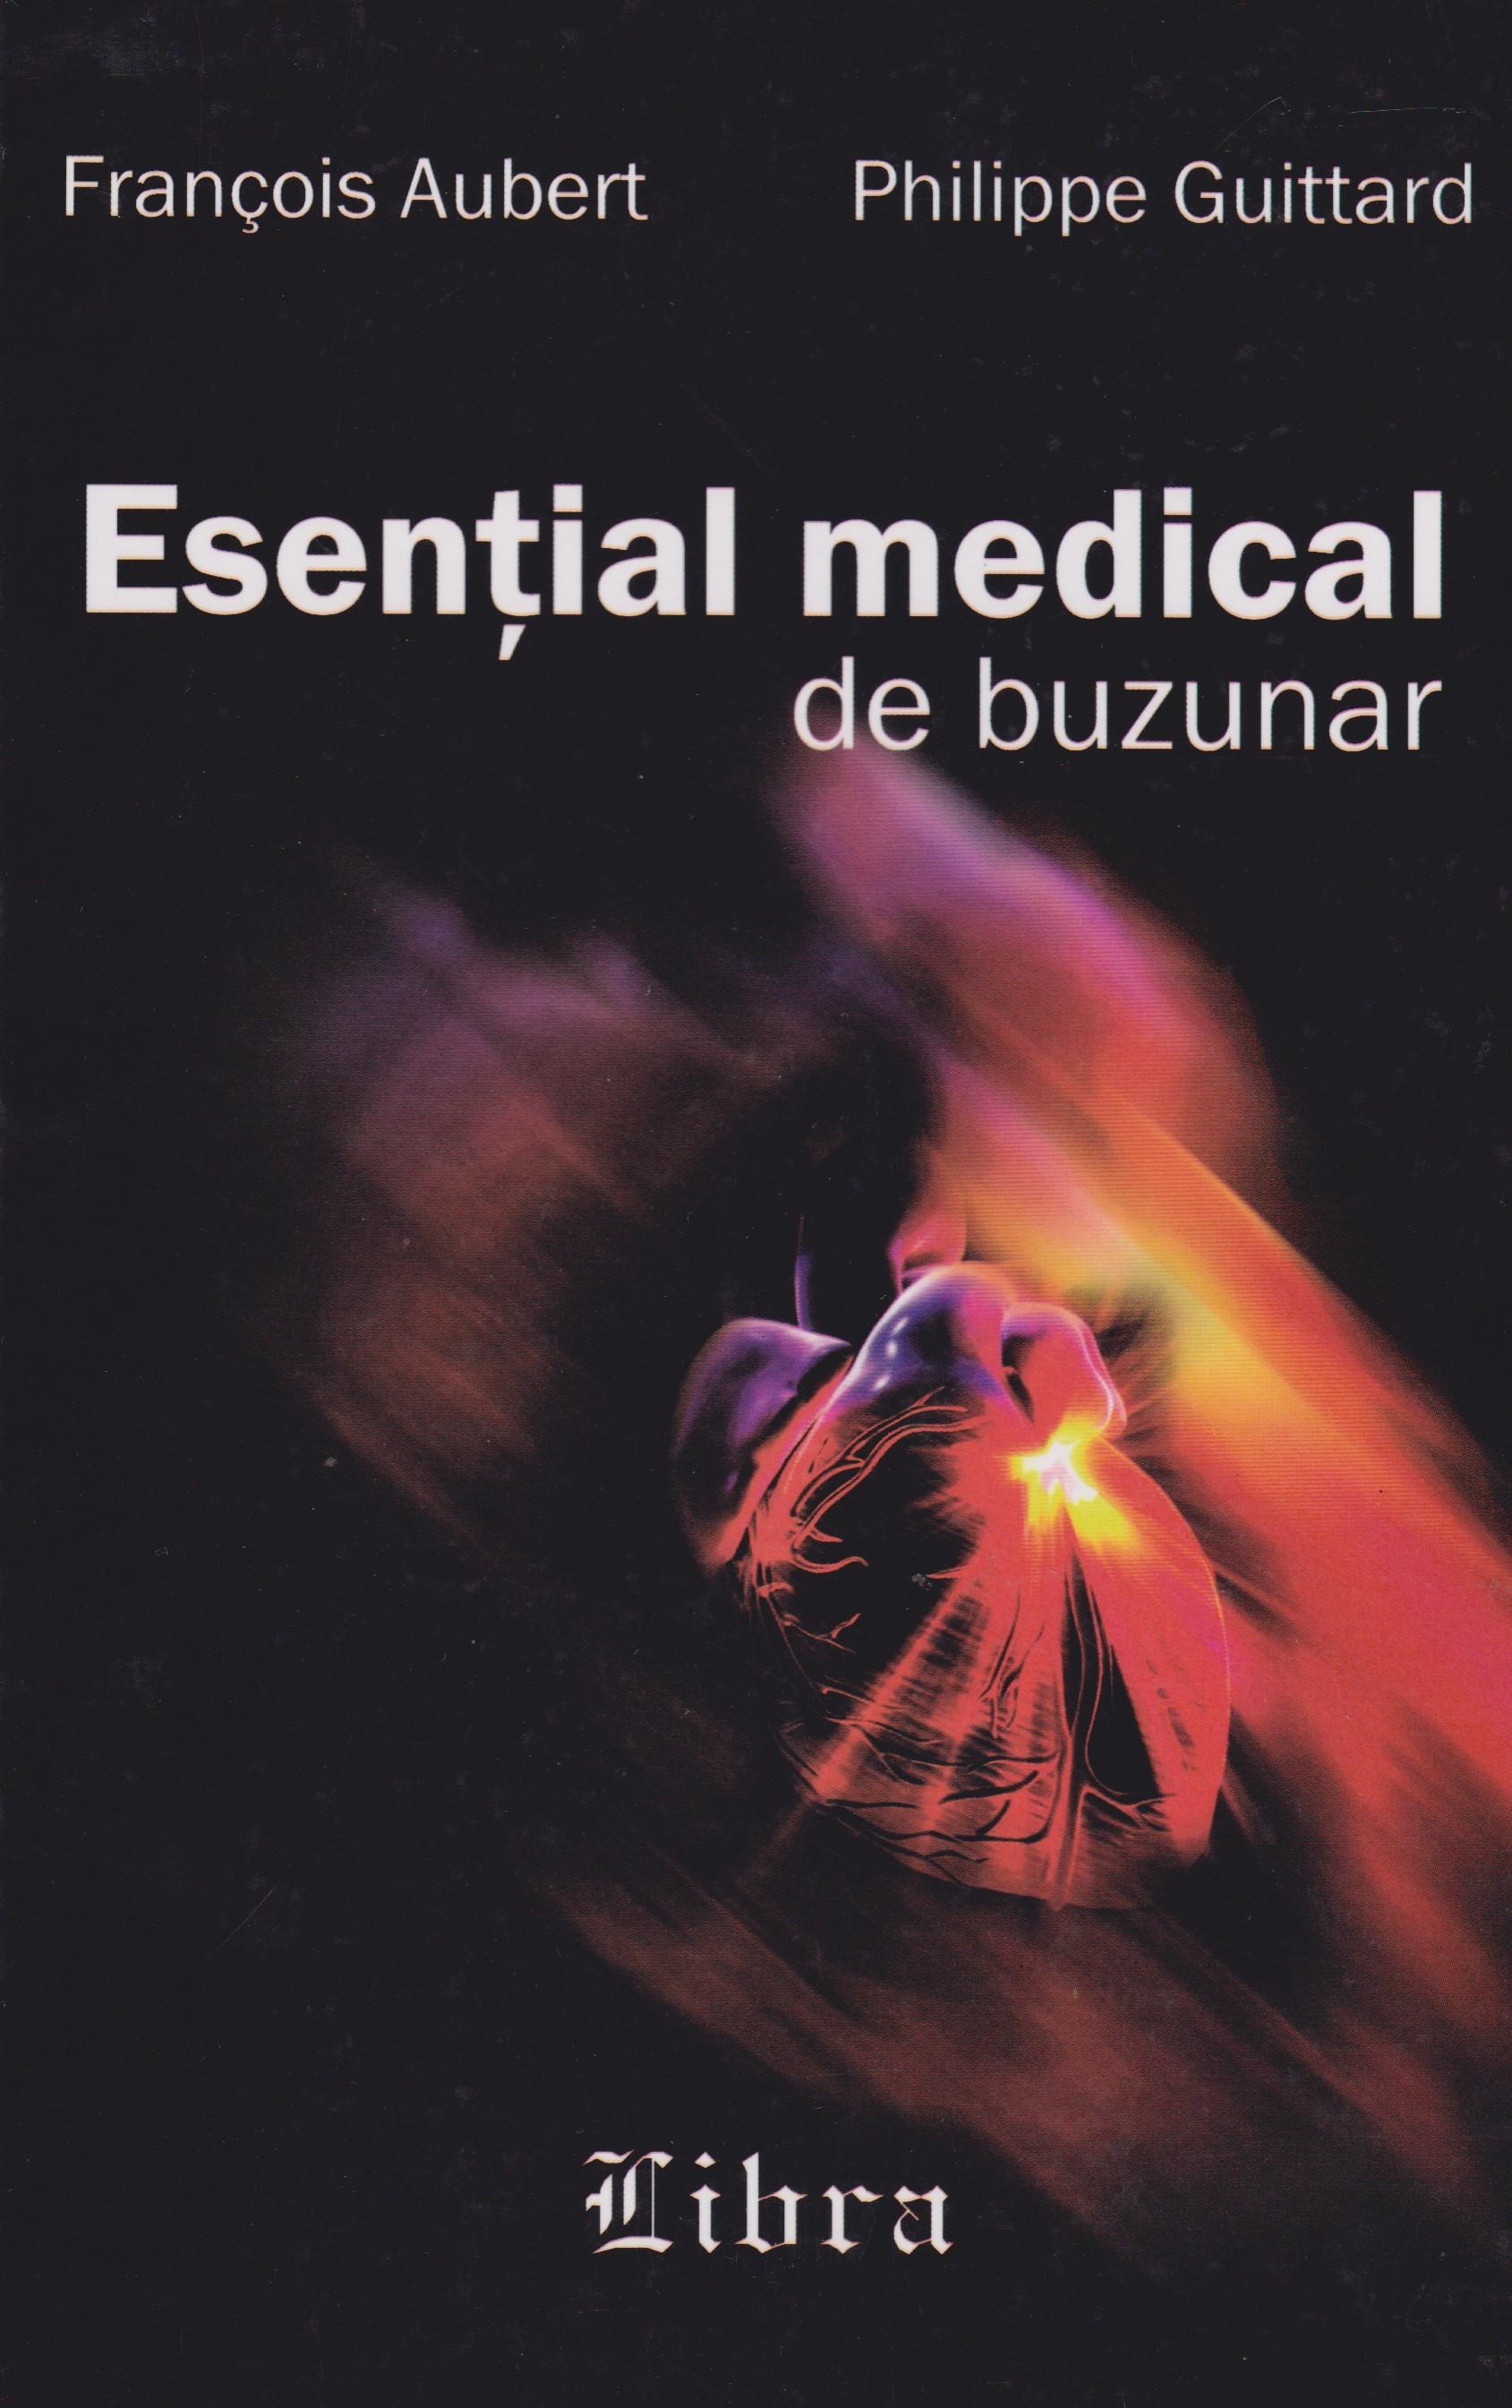 Esential medical de buzunar